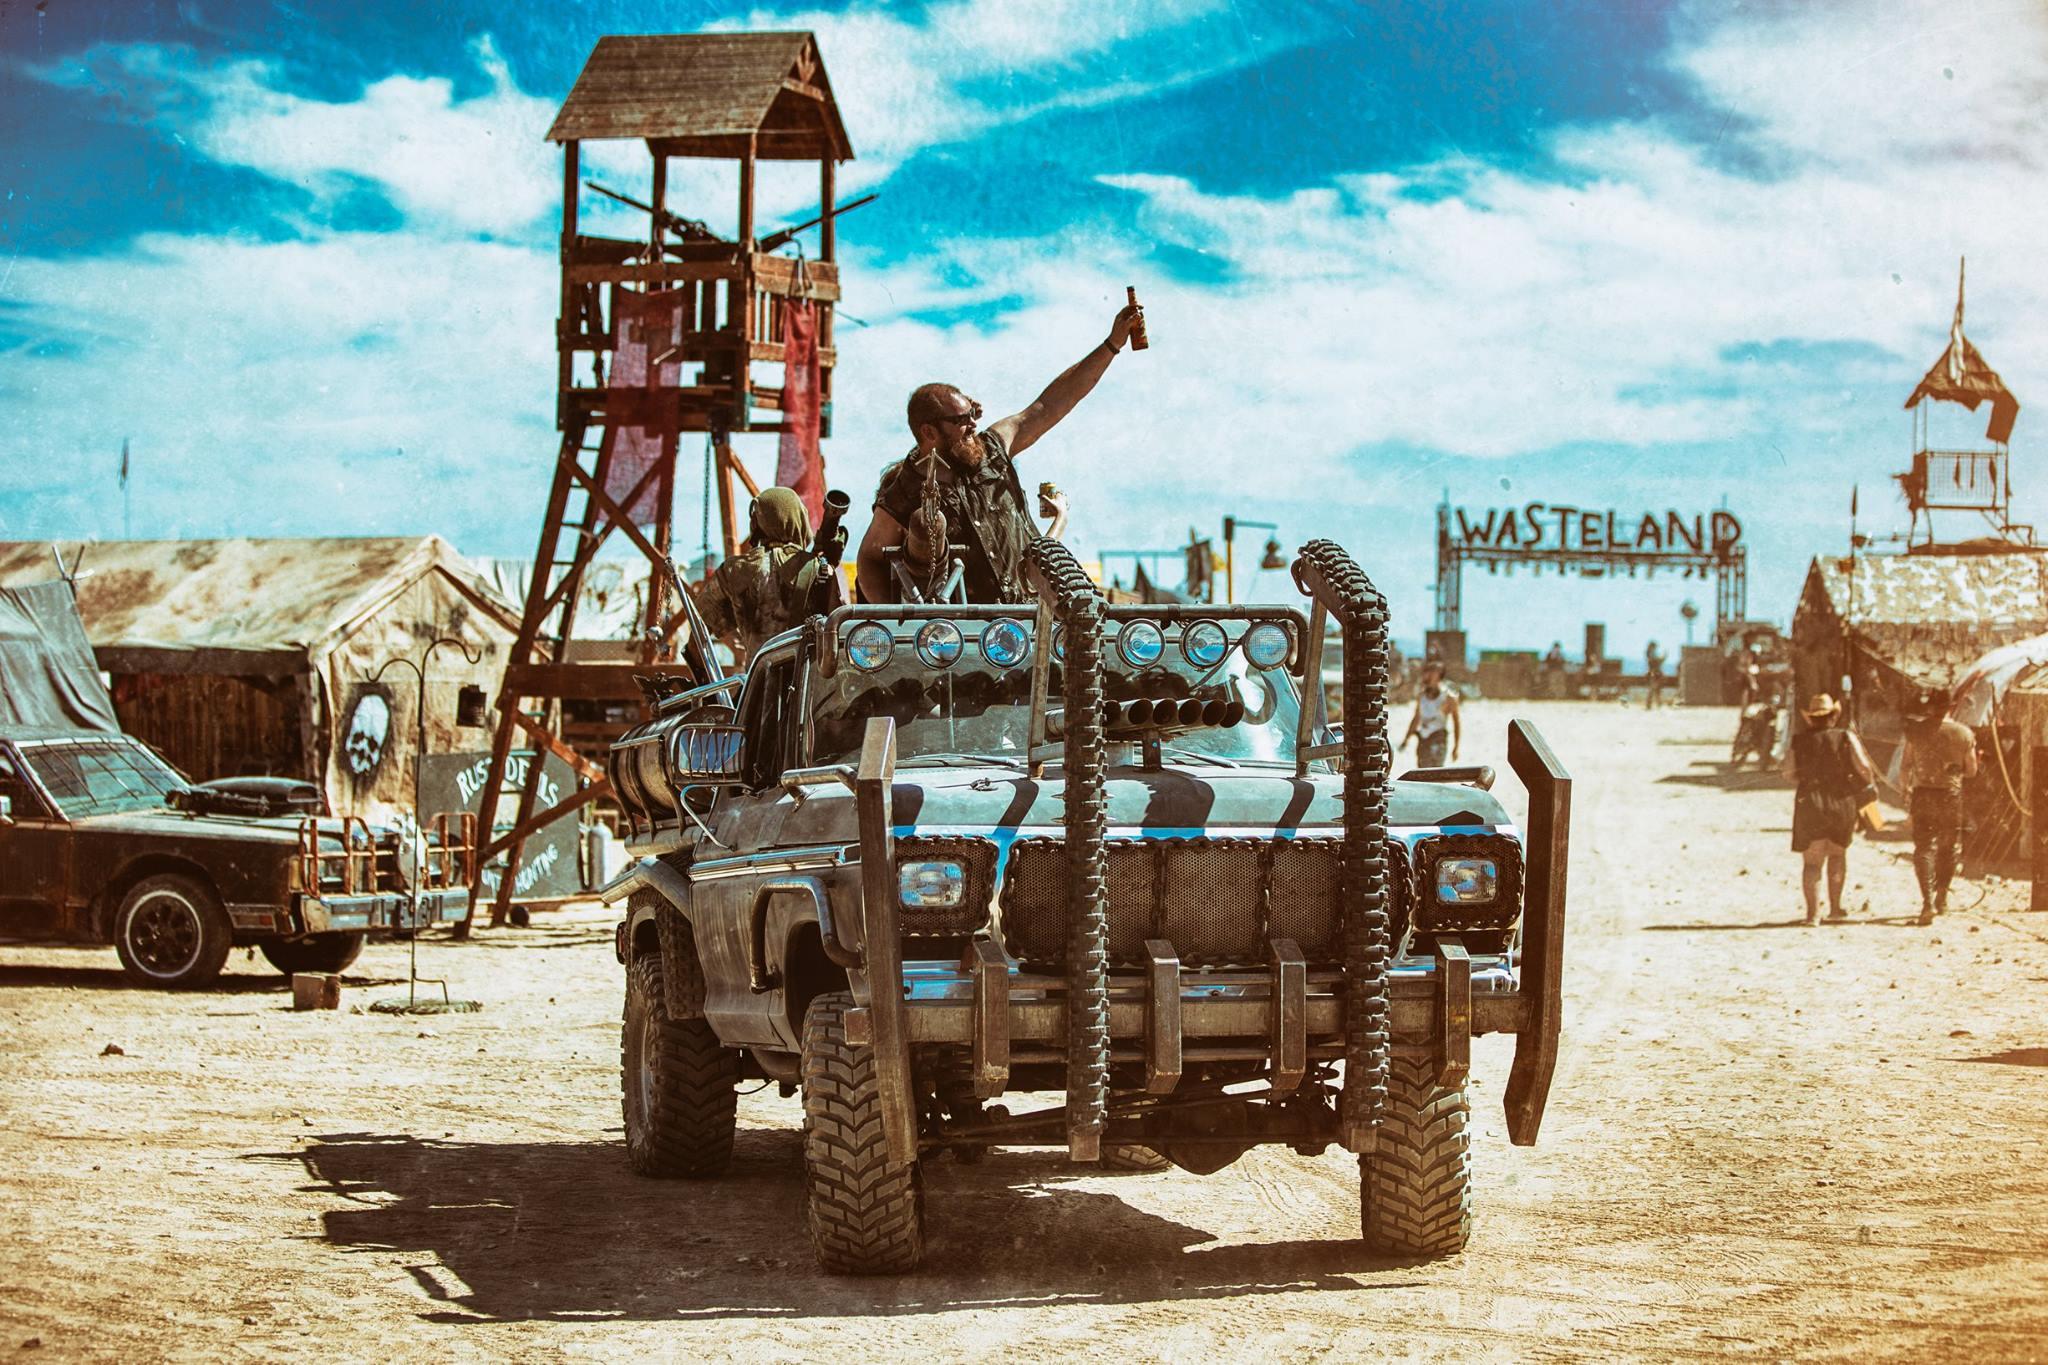 a2287e76b9c A 'Mad Max' Festival Happened & It Looked Pretty Unreal